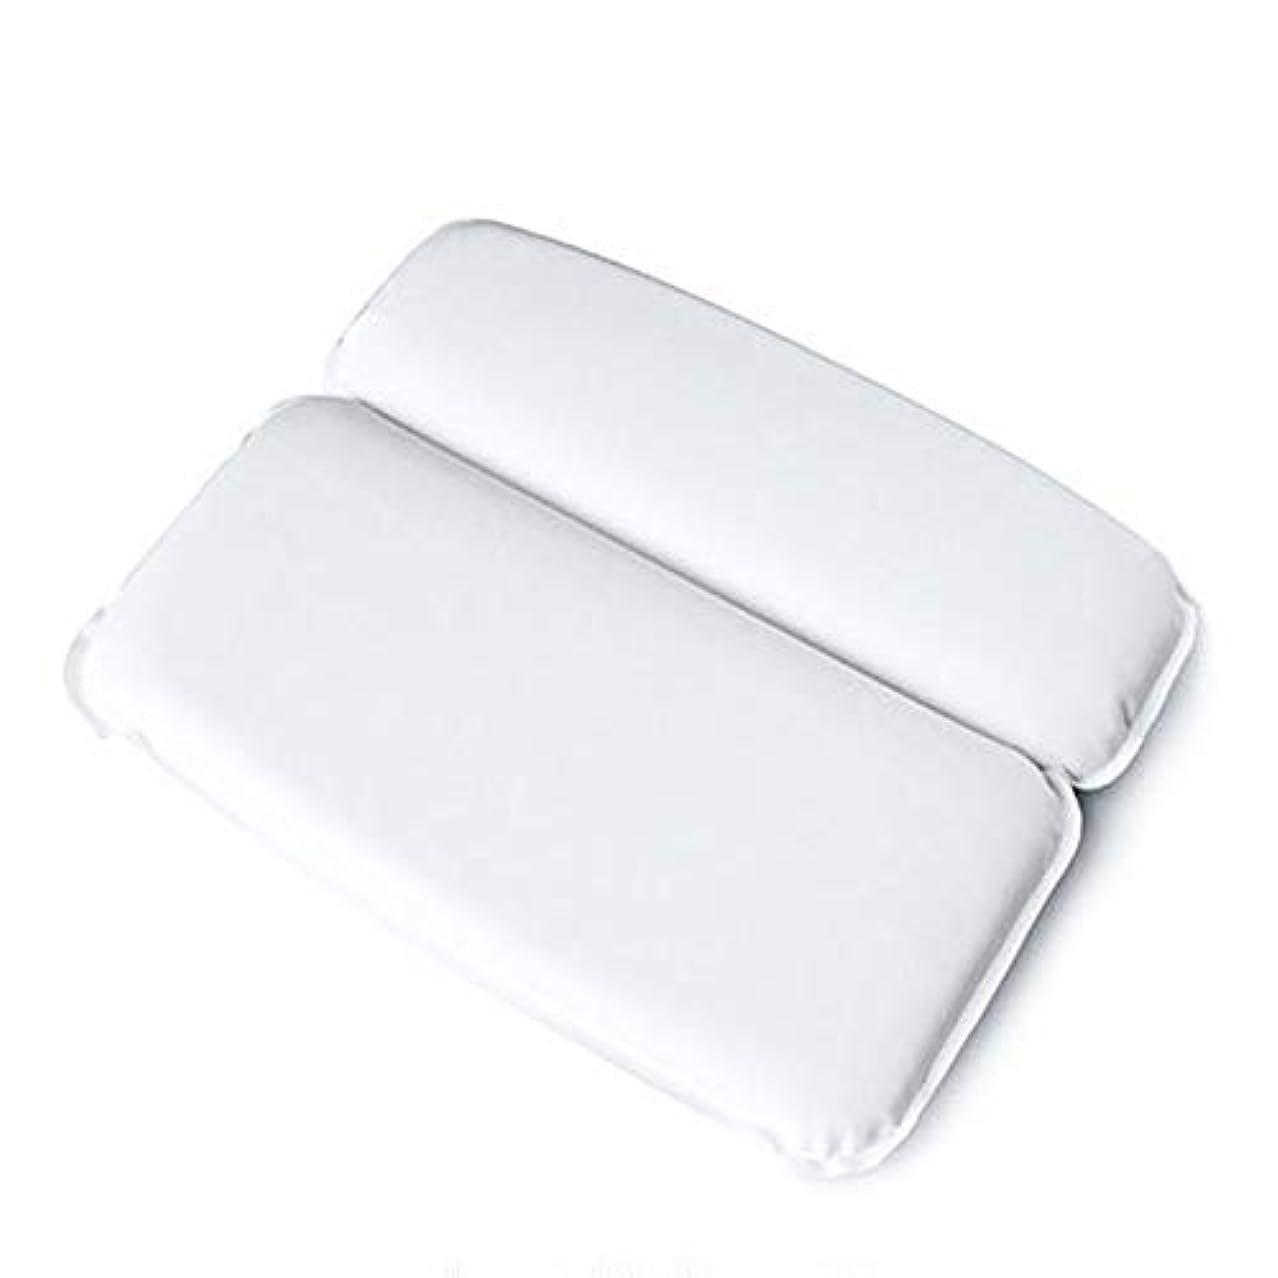 かき混ぜるアボート把握浴槽枕 バス枕クッションは頭と首を強い吸引カップノンスリップフィットジャグジー、スパサポートしています バスルーム枕 (色 : 白, サイズ : 30 x 40cm)